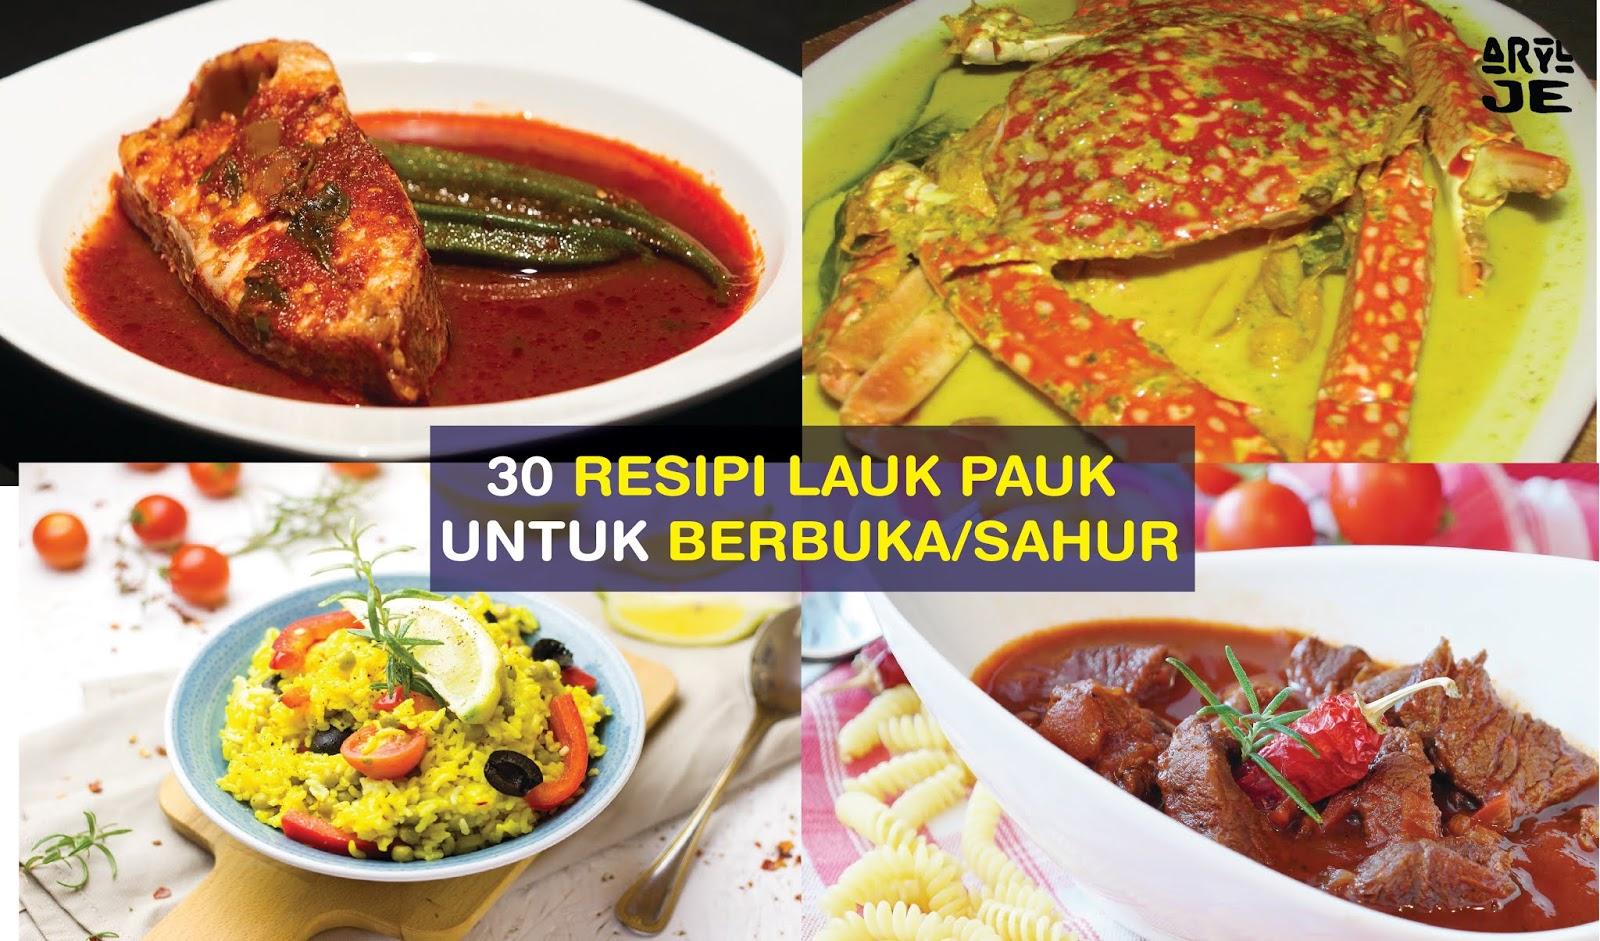 Idea Dan Resipi Untuk Masakan Berbuka Puasa Dan Sahur